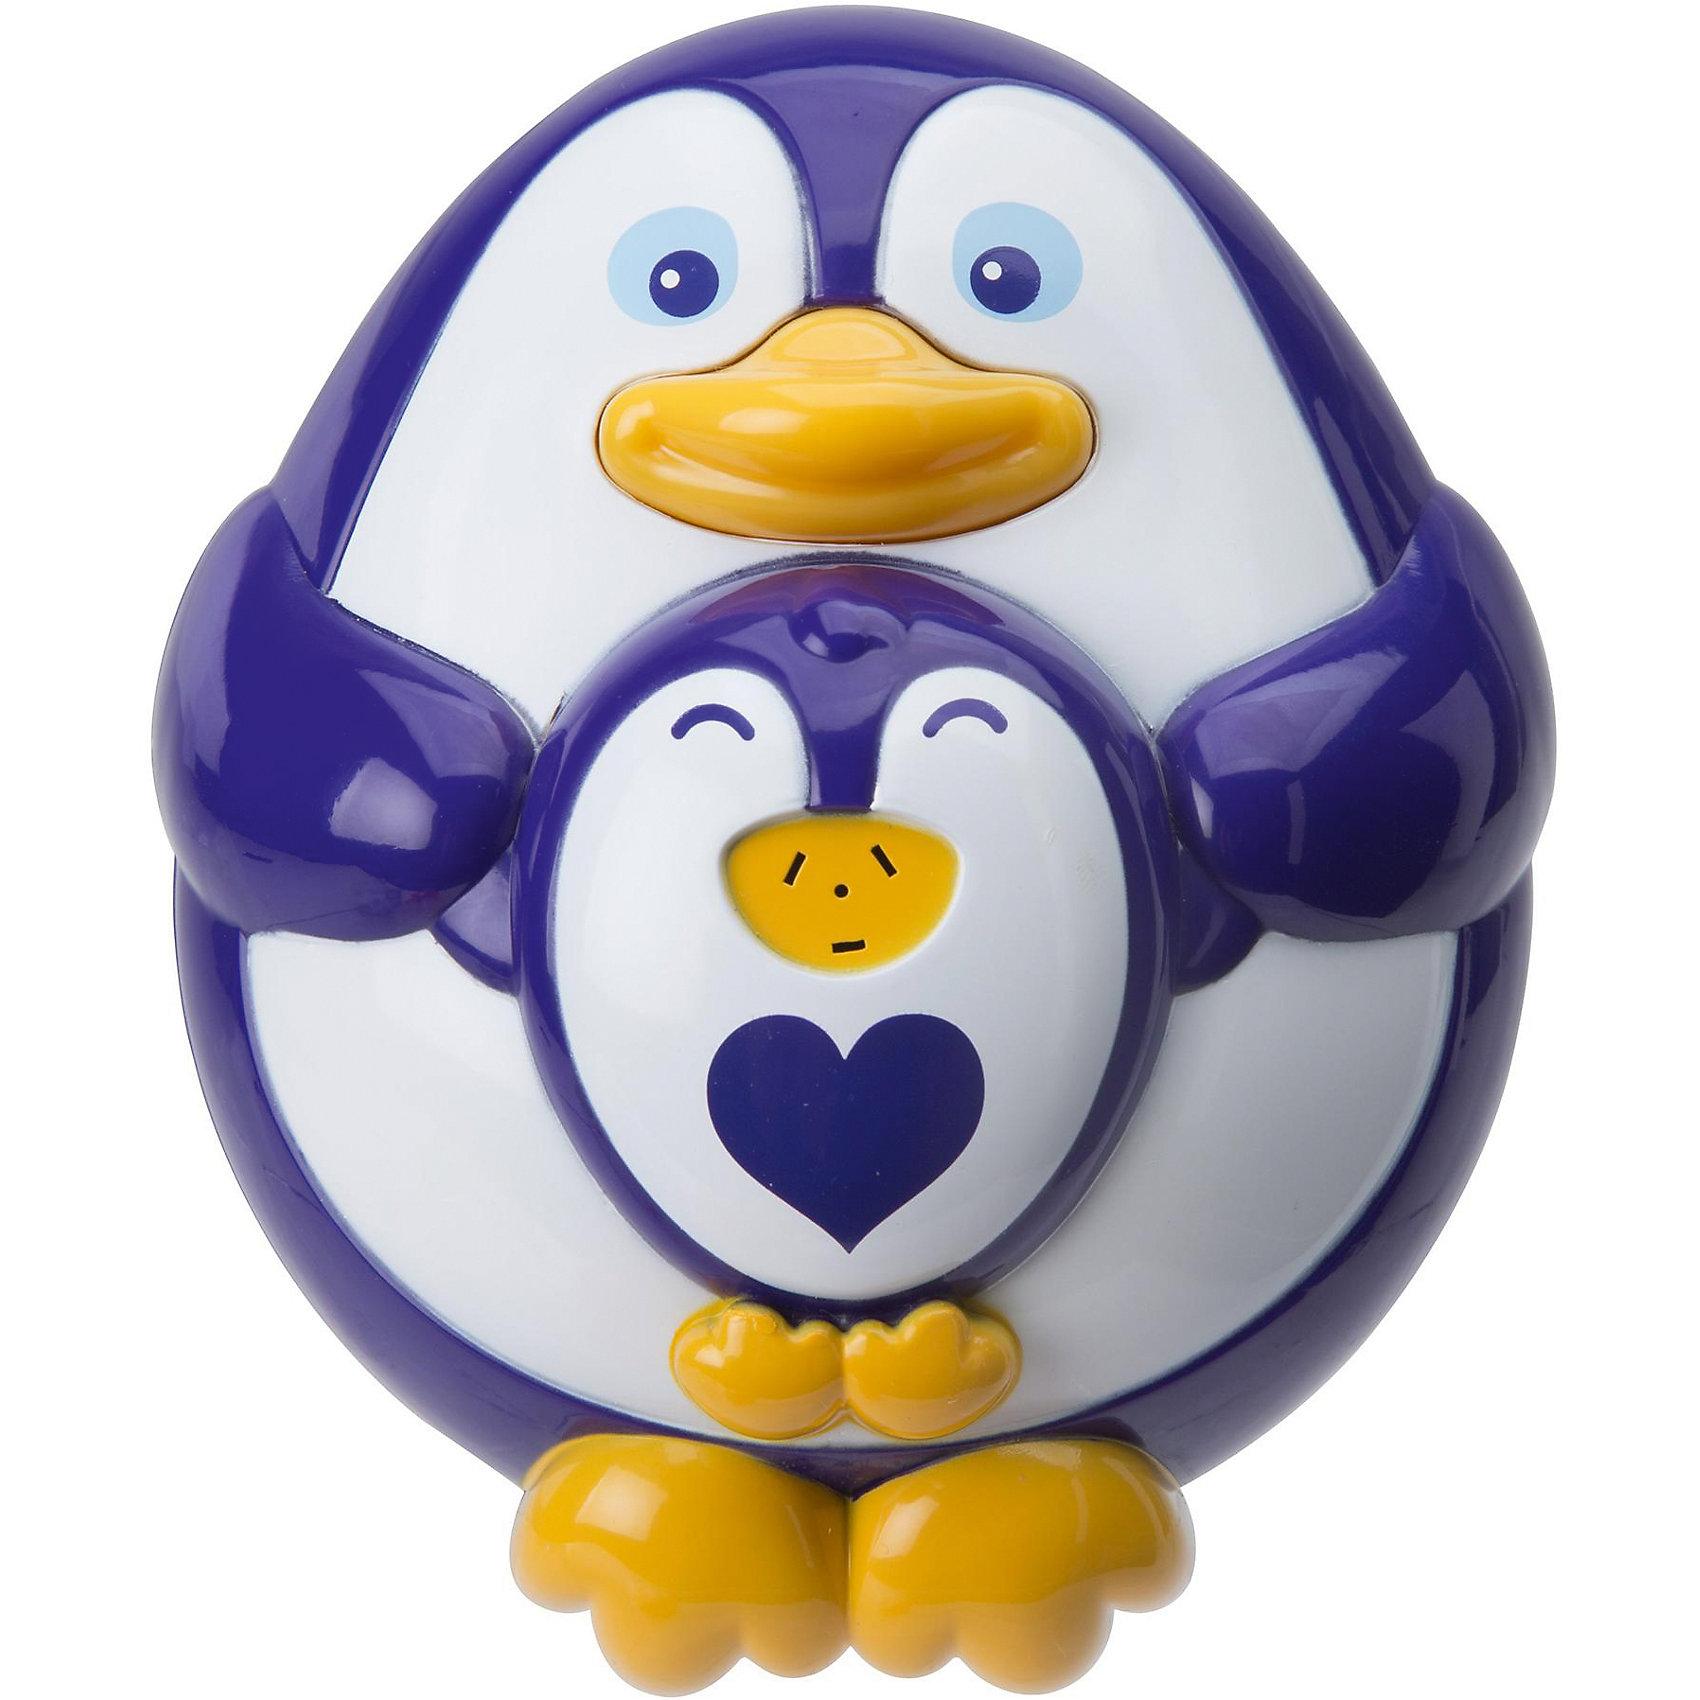 Игрушка для ванны Пингвиненок, ALEXЛейки и поливалки<br>Игрушка для ванны Пингвиненок, ALEX (Алекс)<br><br>Характеристики:<br><br>• крутится, жужжит и брызгает водой<br>• материал: ПВХ, металл<br>• размер игрушки: 12 см<br>• батарейки: АА - 2 шт. (не входят в комплект)<br>• размер упаковки: 15х7х8 см<br><br>Пингвиненок станет лучшим другом малыша во время купания. Для этого нужно наполнить игрушку водой и нажать на носик мамы. При нажатии на кнопку пингвин начинает забавно крутиться, жужжать и брызгать водой из своего маленького фонтанчика. Такой очаровательный пингвиненок принесет много радости малышу! Для работы необходимы две батарейки АА (не входят в комплект).<br><br>Игрушку для ванны Пингвиненок, ALEX (Алекс) можно купить в нашем интернет-магазине.<br><br>Ширина мм: 150<br>Глубина мм: 70<br>Высота мм: 180<br>Вес г: 560<br>Возраст от месяцев: 36<br>Возраст до месяцев: 2147483647<br>Пол: Унисекс<br>Возраст: Детский<br>SKU: 5503310